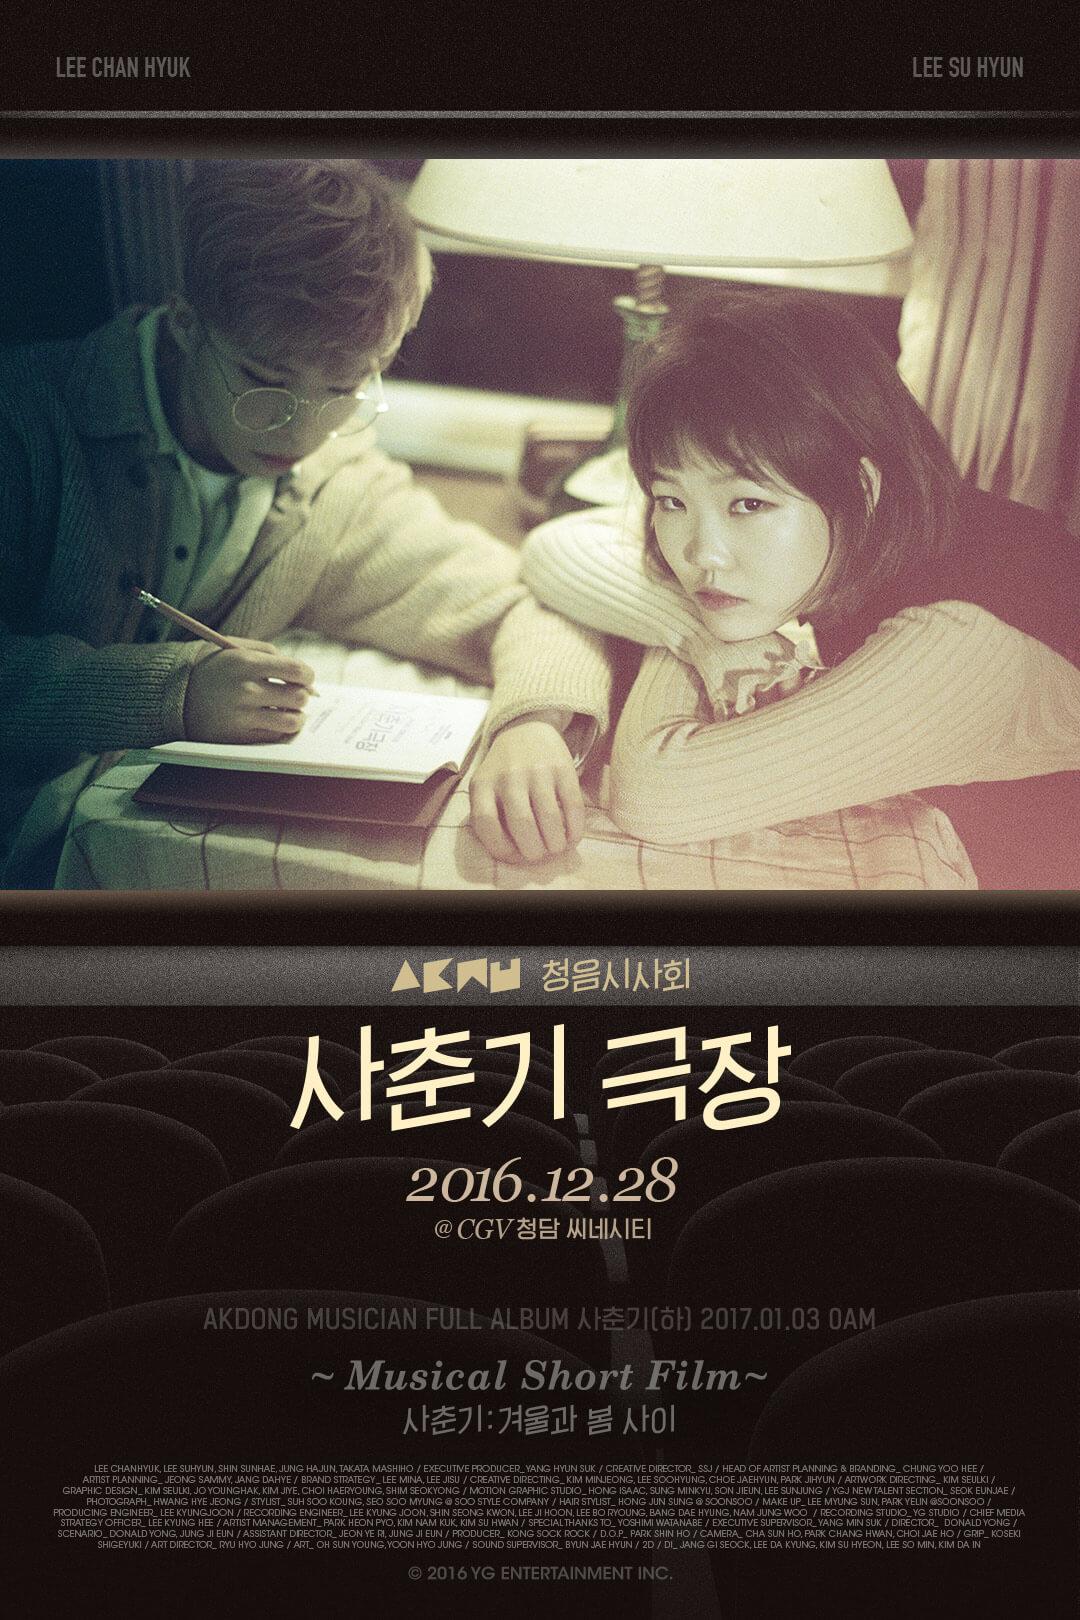 Akdong Musician Winter musical